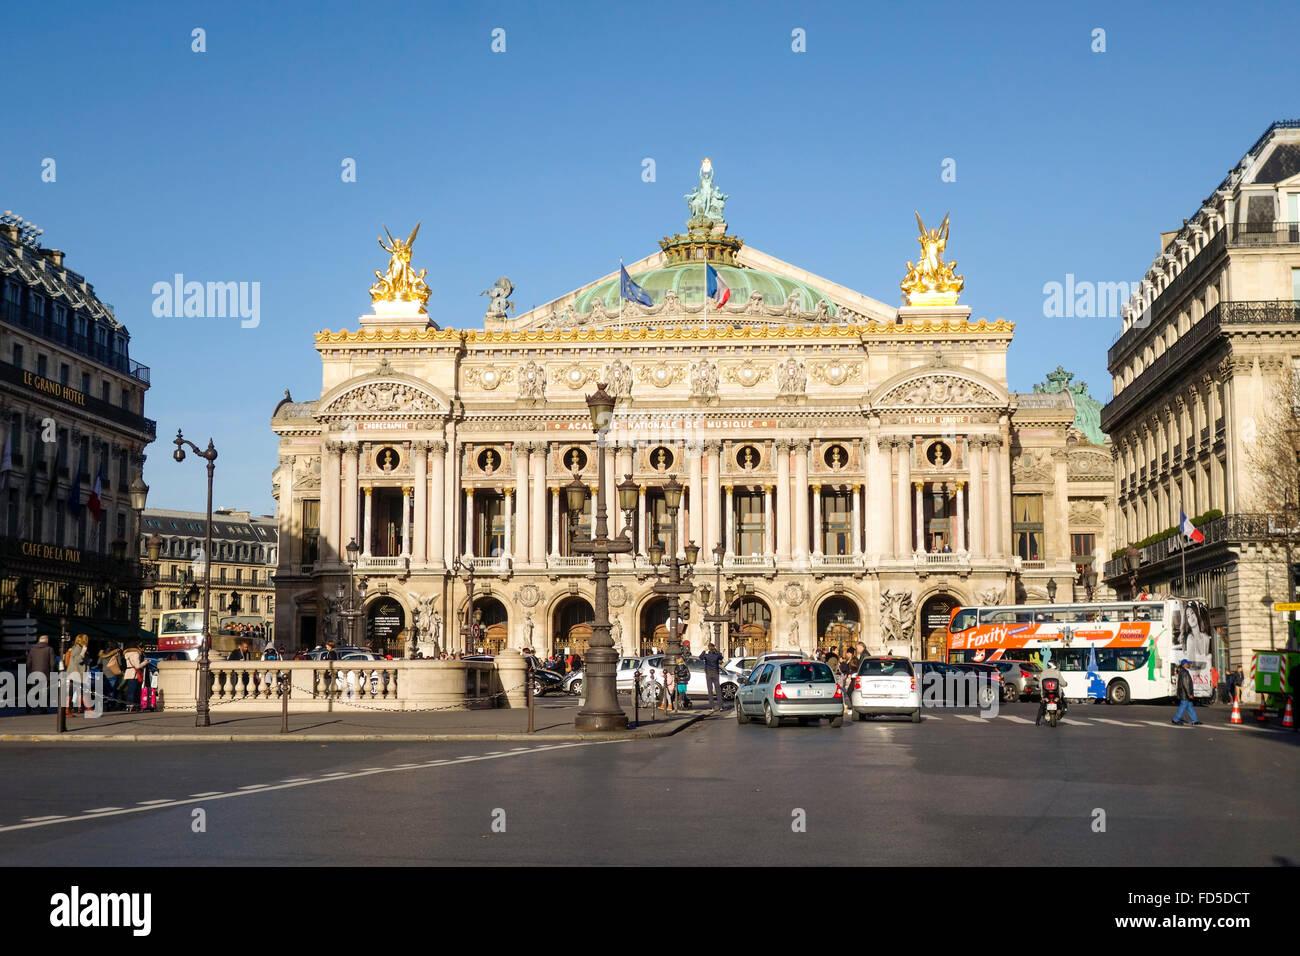 The Palais Garnier, Opera House, 9th arrondissement, Place de l'Opéra, in Paris, France. - Stock Image